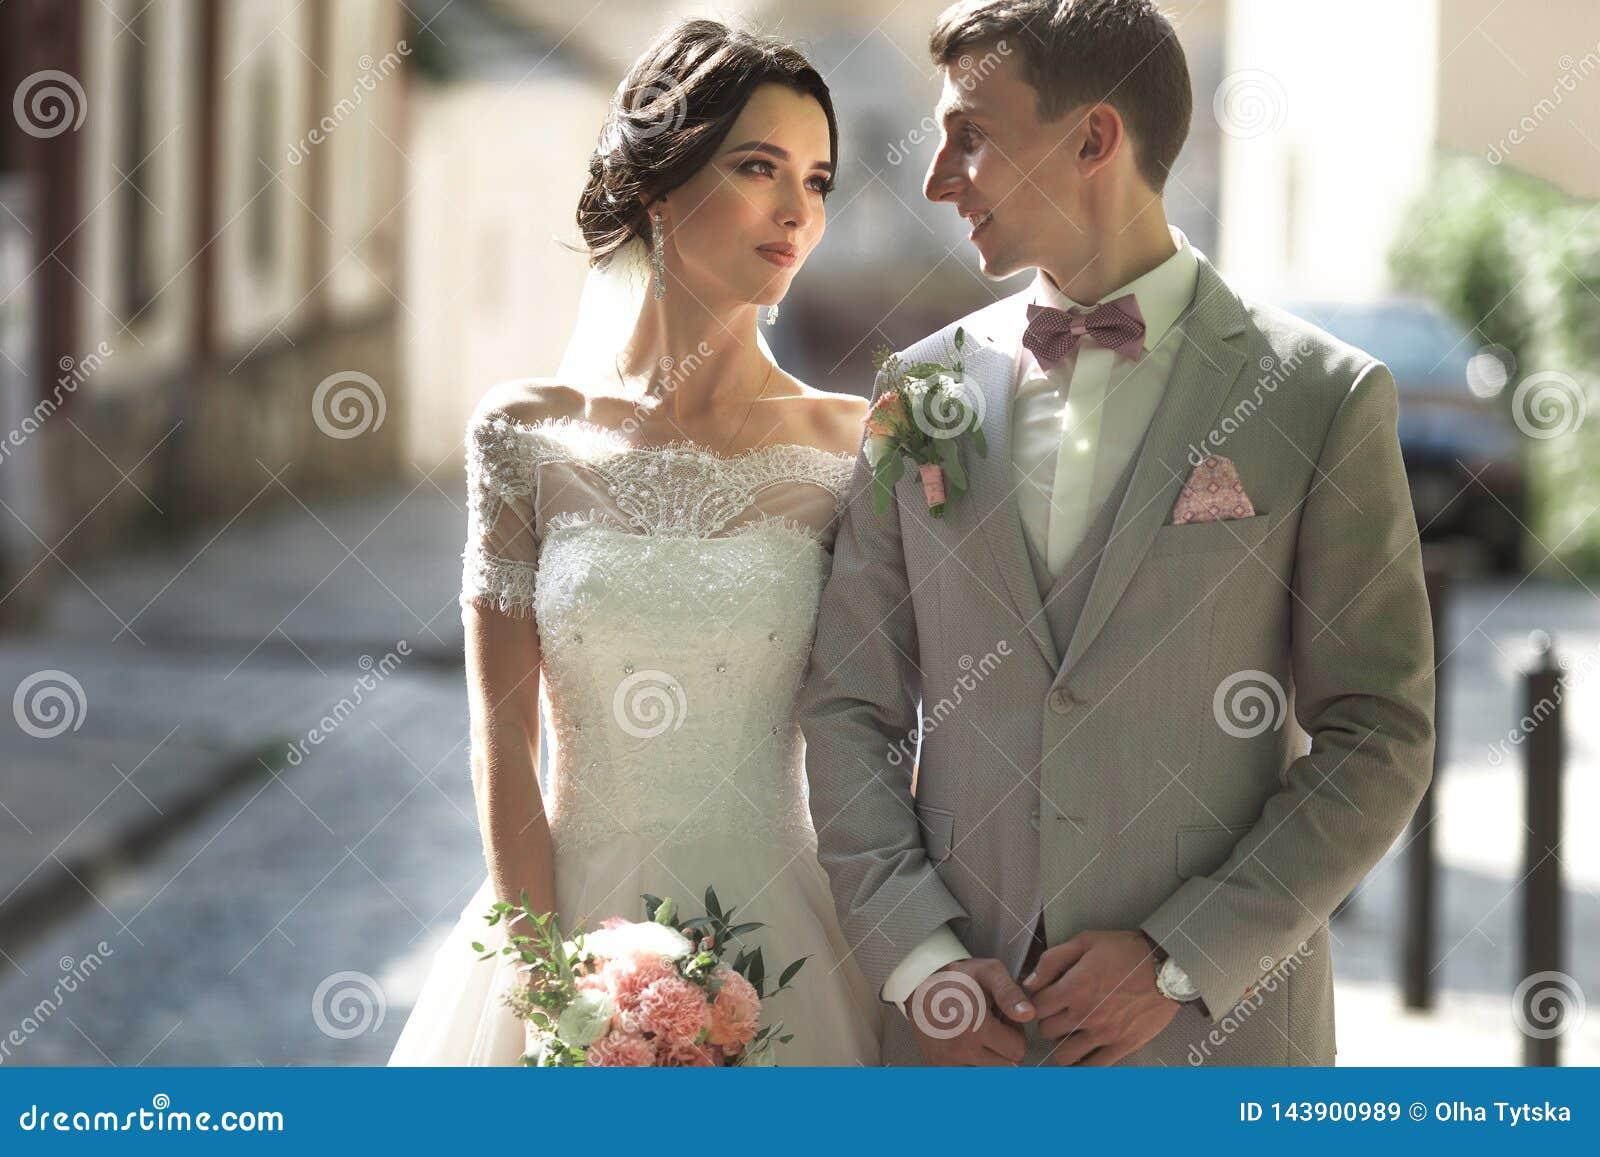 Ein liebevolles Paar von Jungvermählten geht in die Stadt und in Lächeln Die Braut in einem schönen Kleid, der Bräutigam kleidete